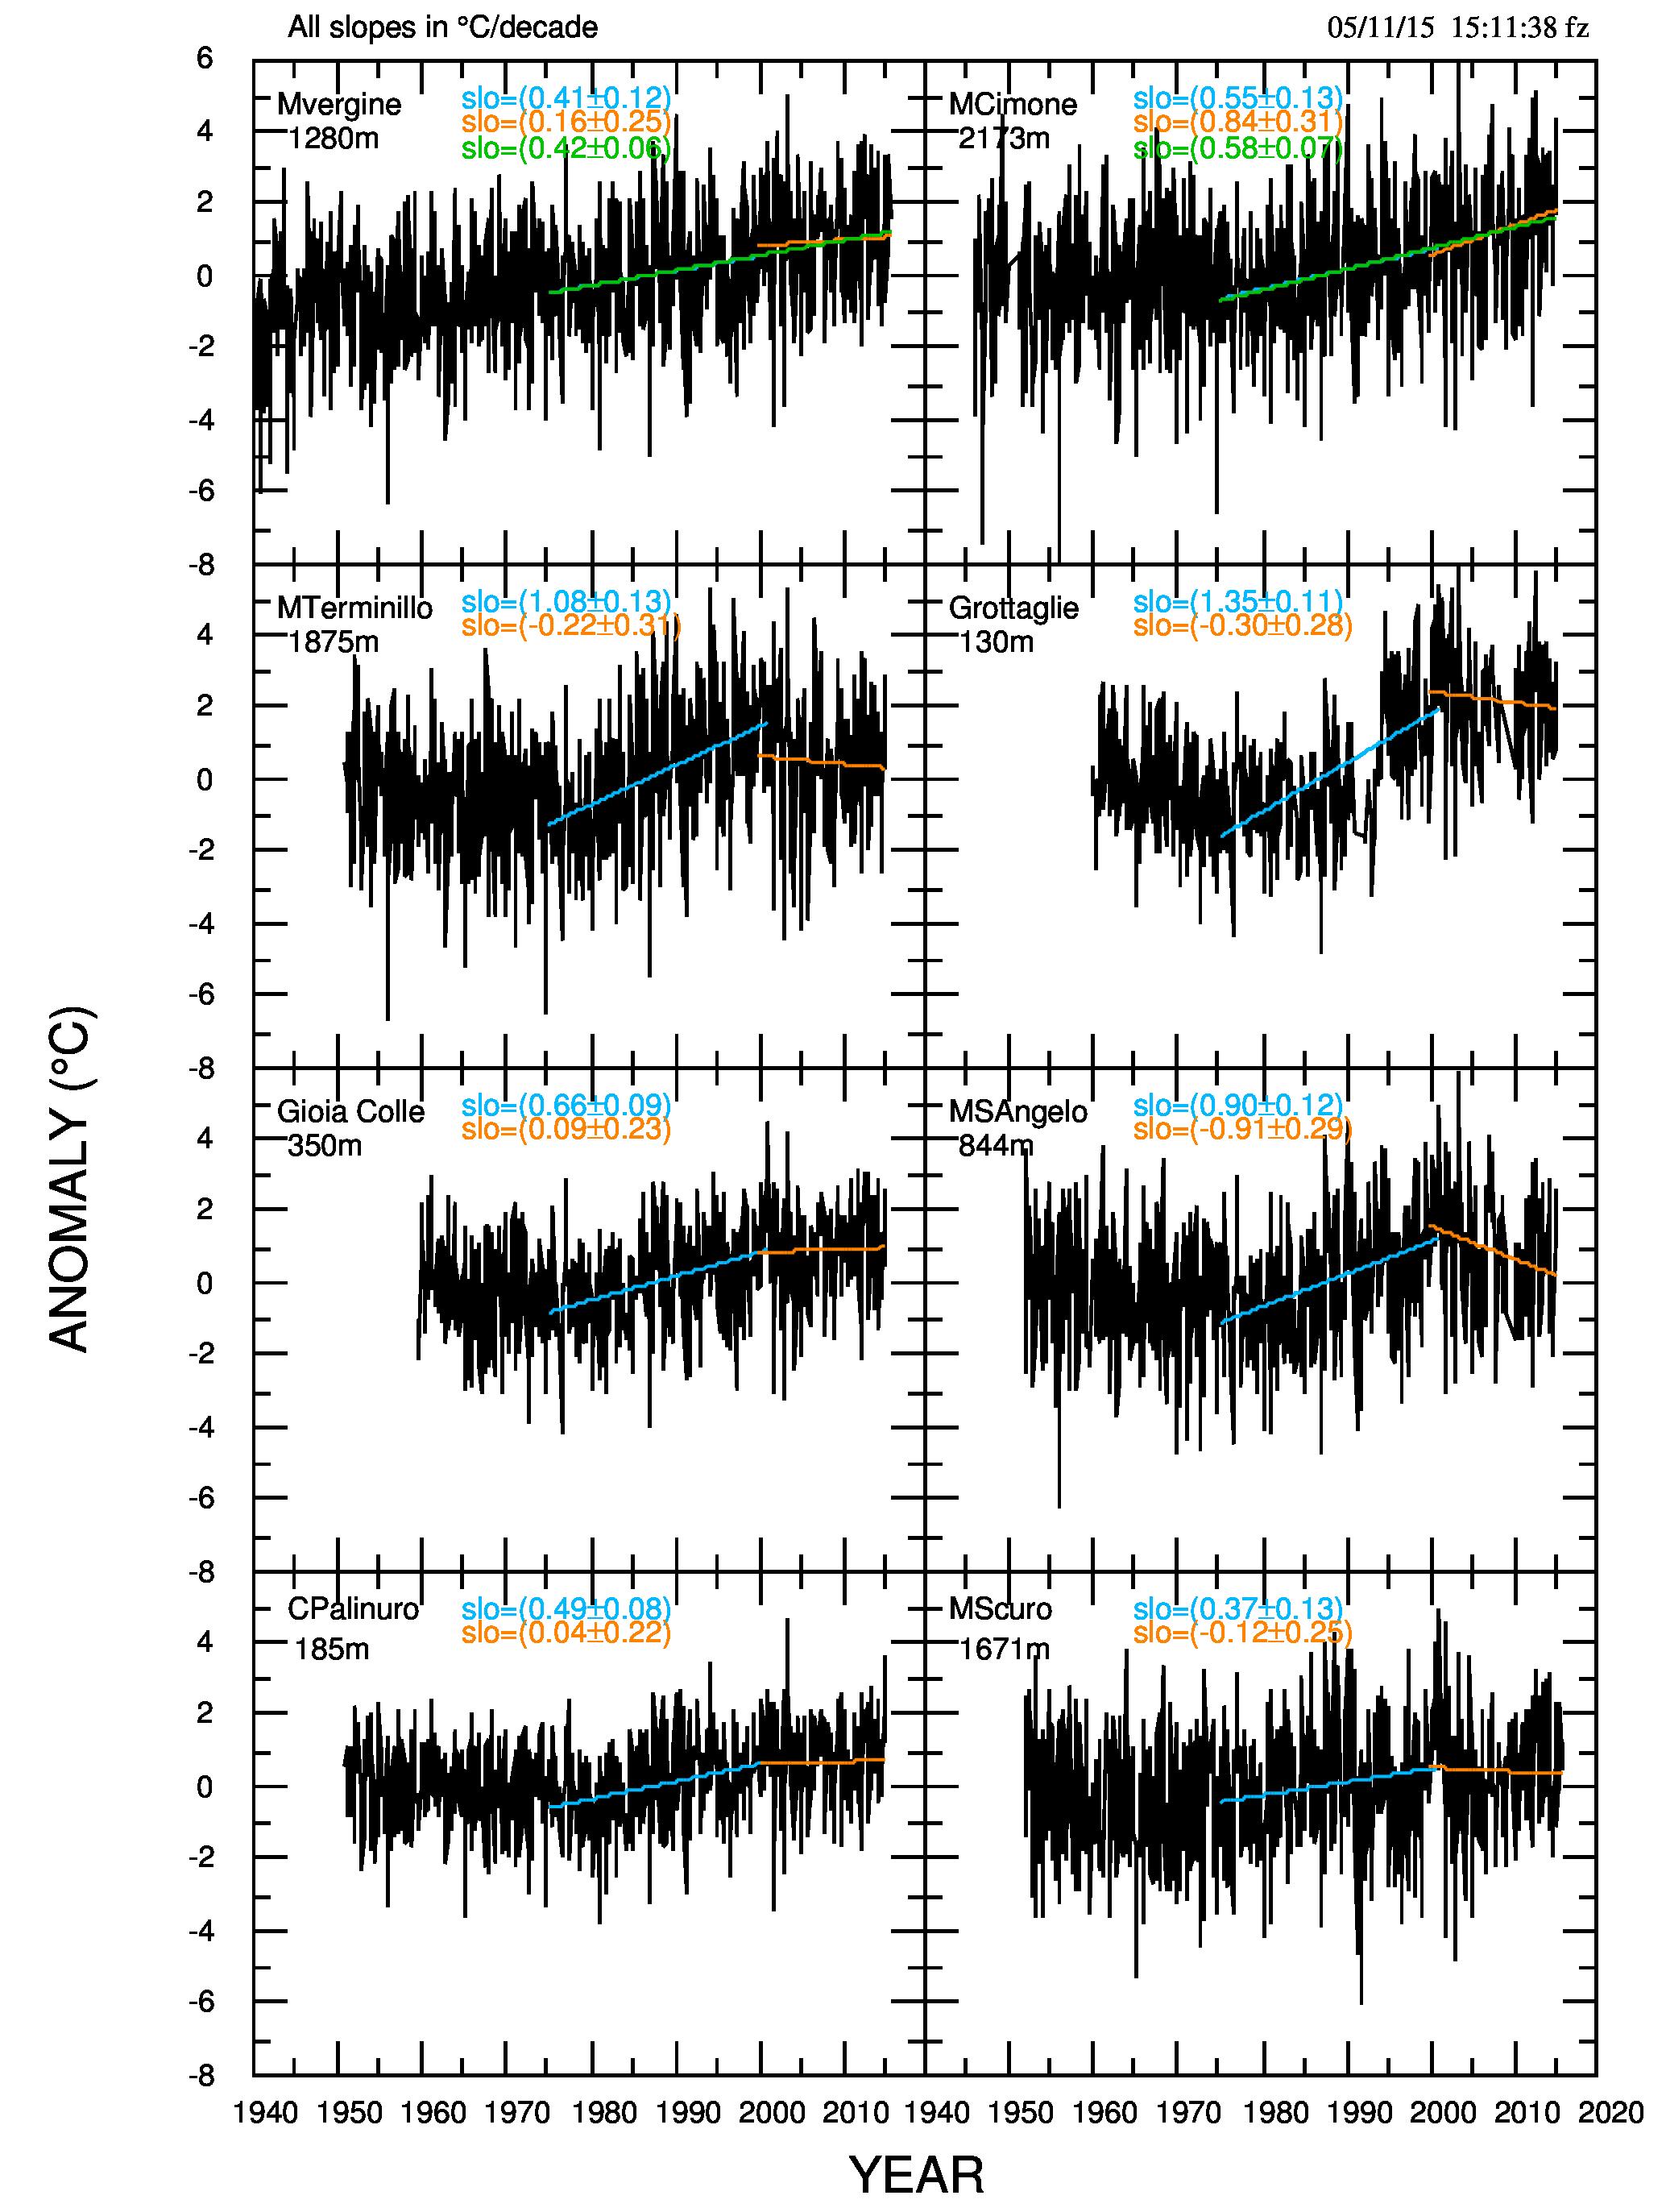 Fig.2. Come fig.1, per le anomalie medie mensili. Si noti come i dati di Monte Scuro mostrino una pausa, a differenza di quanto accade nelle medie annuali.